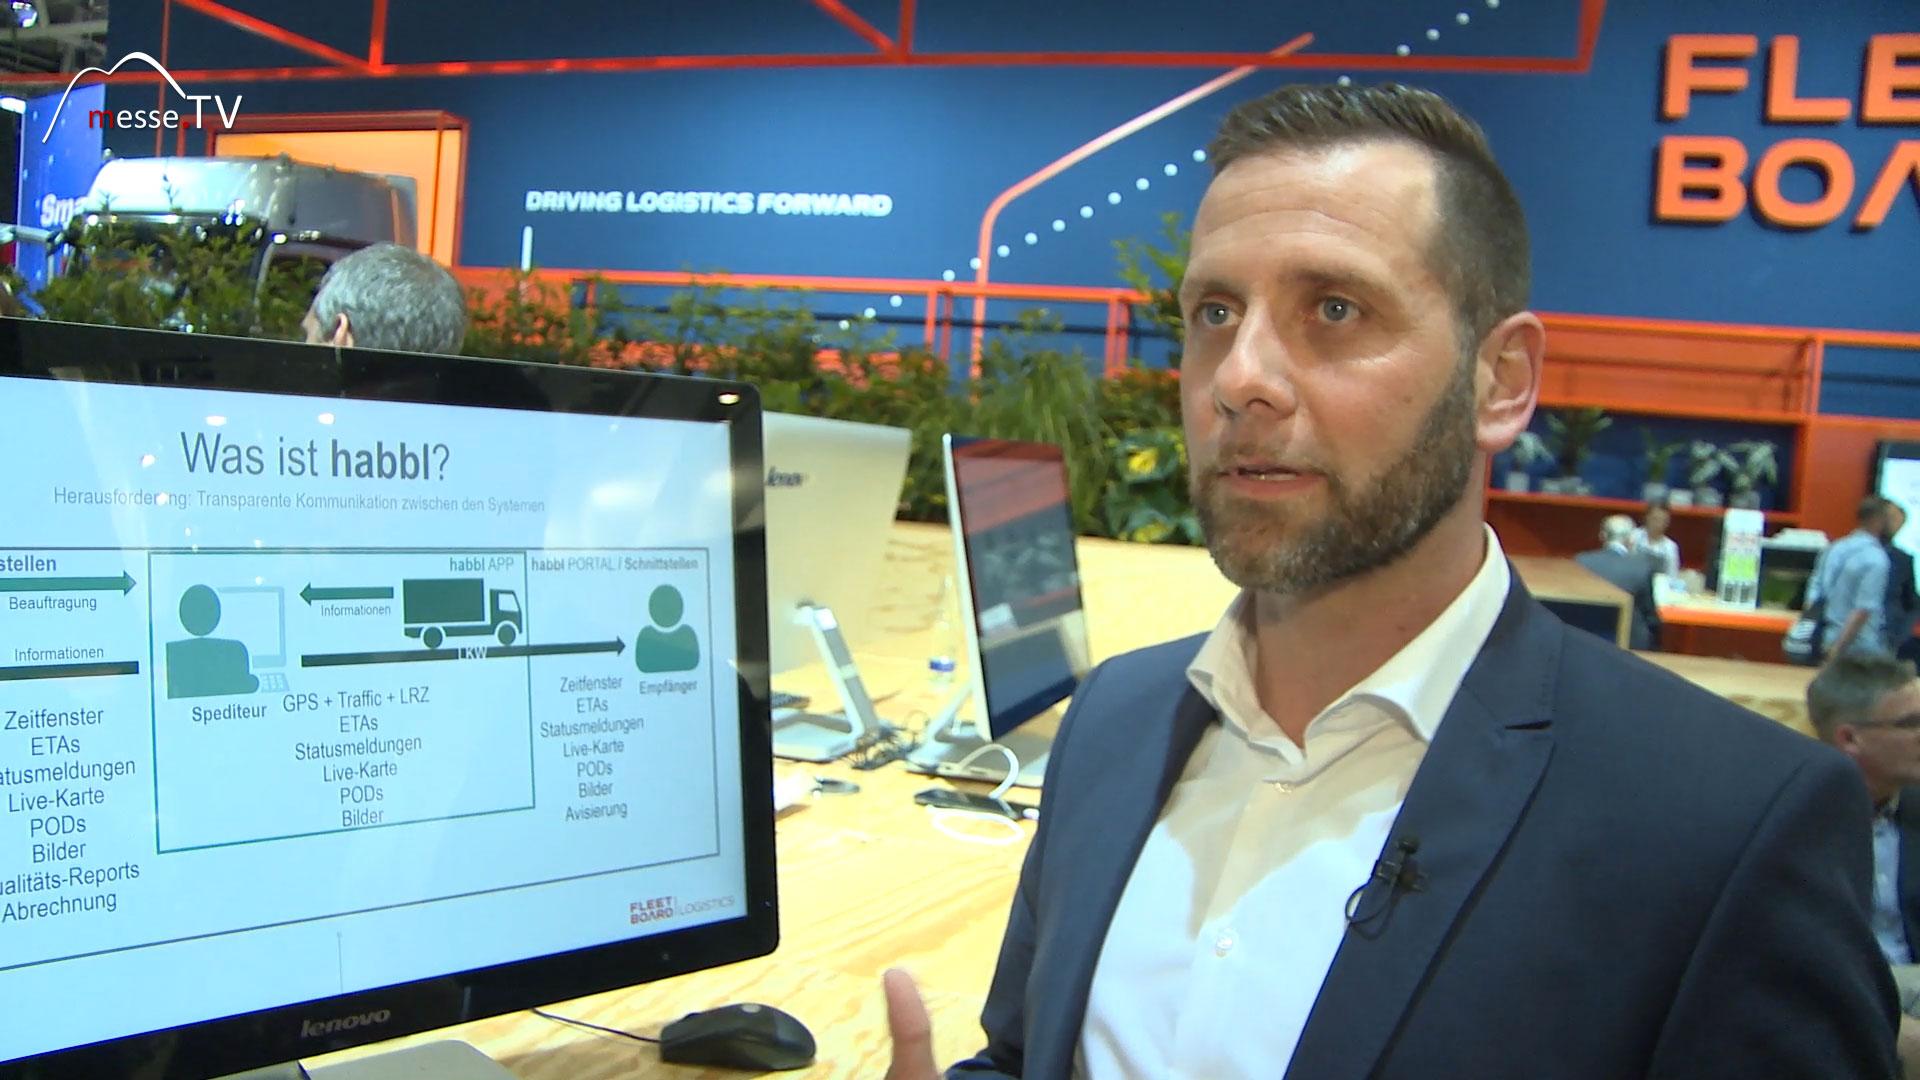 FLEETBOARD habbl APP Digitalisierung Logistikprozesse